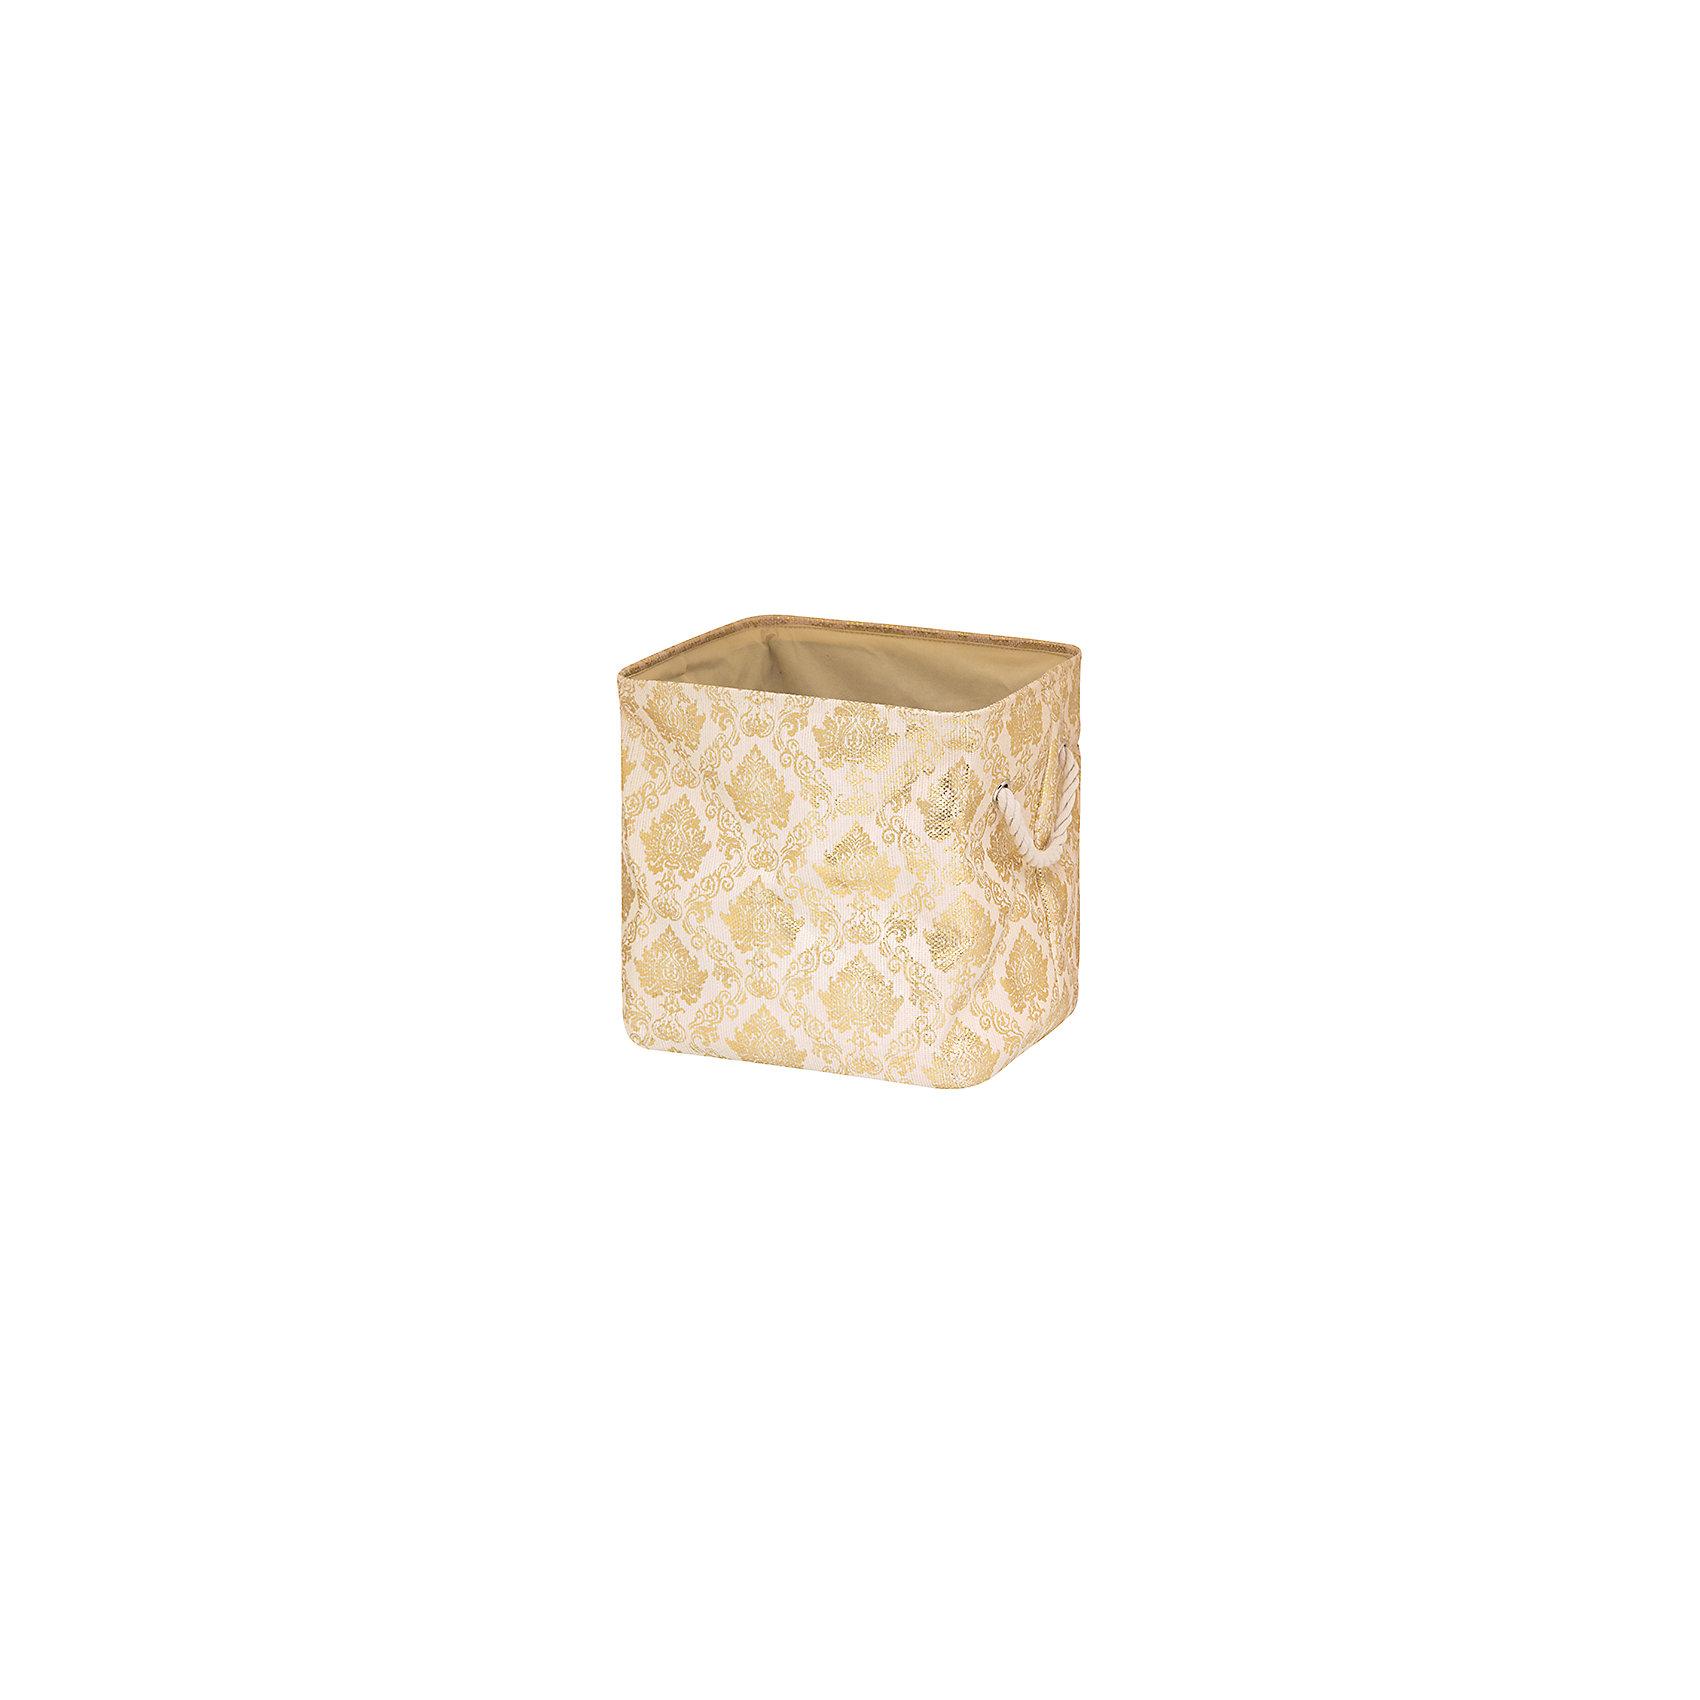 Кофр складной для хранения 35*30*35 см. Золотой узор, EL CasaПорядок в детской<br>Характеристики товара:<br><br>• цвет: мульти<br>• материал: текстиль (полиэстер)<br>• размер: 35 х 30 х 35 см<br>• вес: 500 г<br>• декорирован принтом<br>• с жестким каркасом<br>• легко складывается и раскладывается<br>• удобный<br>• с ручками<br>• универсальный размер<br>• страна бренда: Российская Федерация<br>• страна производства: Китай<br><br>Такой кофр - отличный пример красивой и функциональной вещи для любого интерьера. В нем удобной хранить различные мелочи, благодаря универсальному дизайну и расцветке он хорошо будет смотреться в помещении.<br><br>Кофр с жёстким каркасом для хранения может стать отличным приобретением для дома или подарком для любителей красивых оригинальных вещей.<br><br>Бренд EL Casa - это красивые и практичные товары для дома с современным дизайном. Они добавляют в жильё уюта и комфорта! <br><br>Кофр складной для хранения 35*30*35 см Золотой узор, EL Casa можно купить в нашем интернет-магазине.<br><br>Ширина мм: 360<br>Глубина мм: 310<br>Высота мм: 60<br>Вес г: 467<br>Возраст от месяцев: 0<br>Возраст до месяцев: 1188<br>Пол: Унисекс<br>Возраст: Детский<br>SKU: 6668726